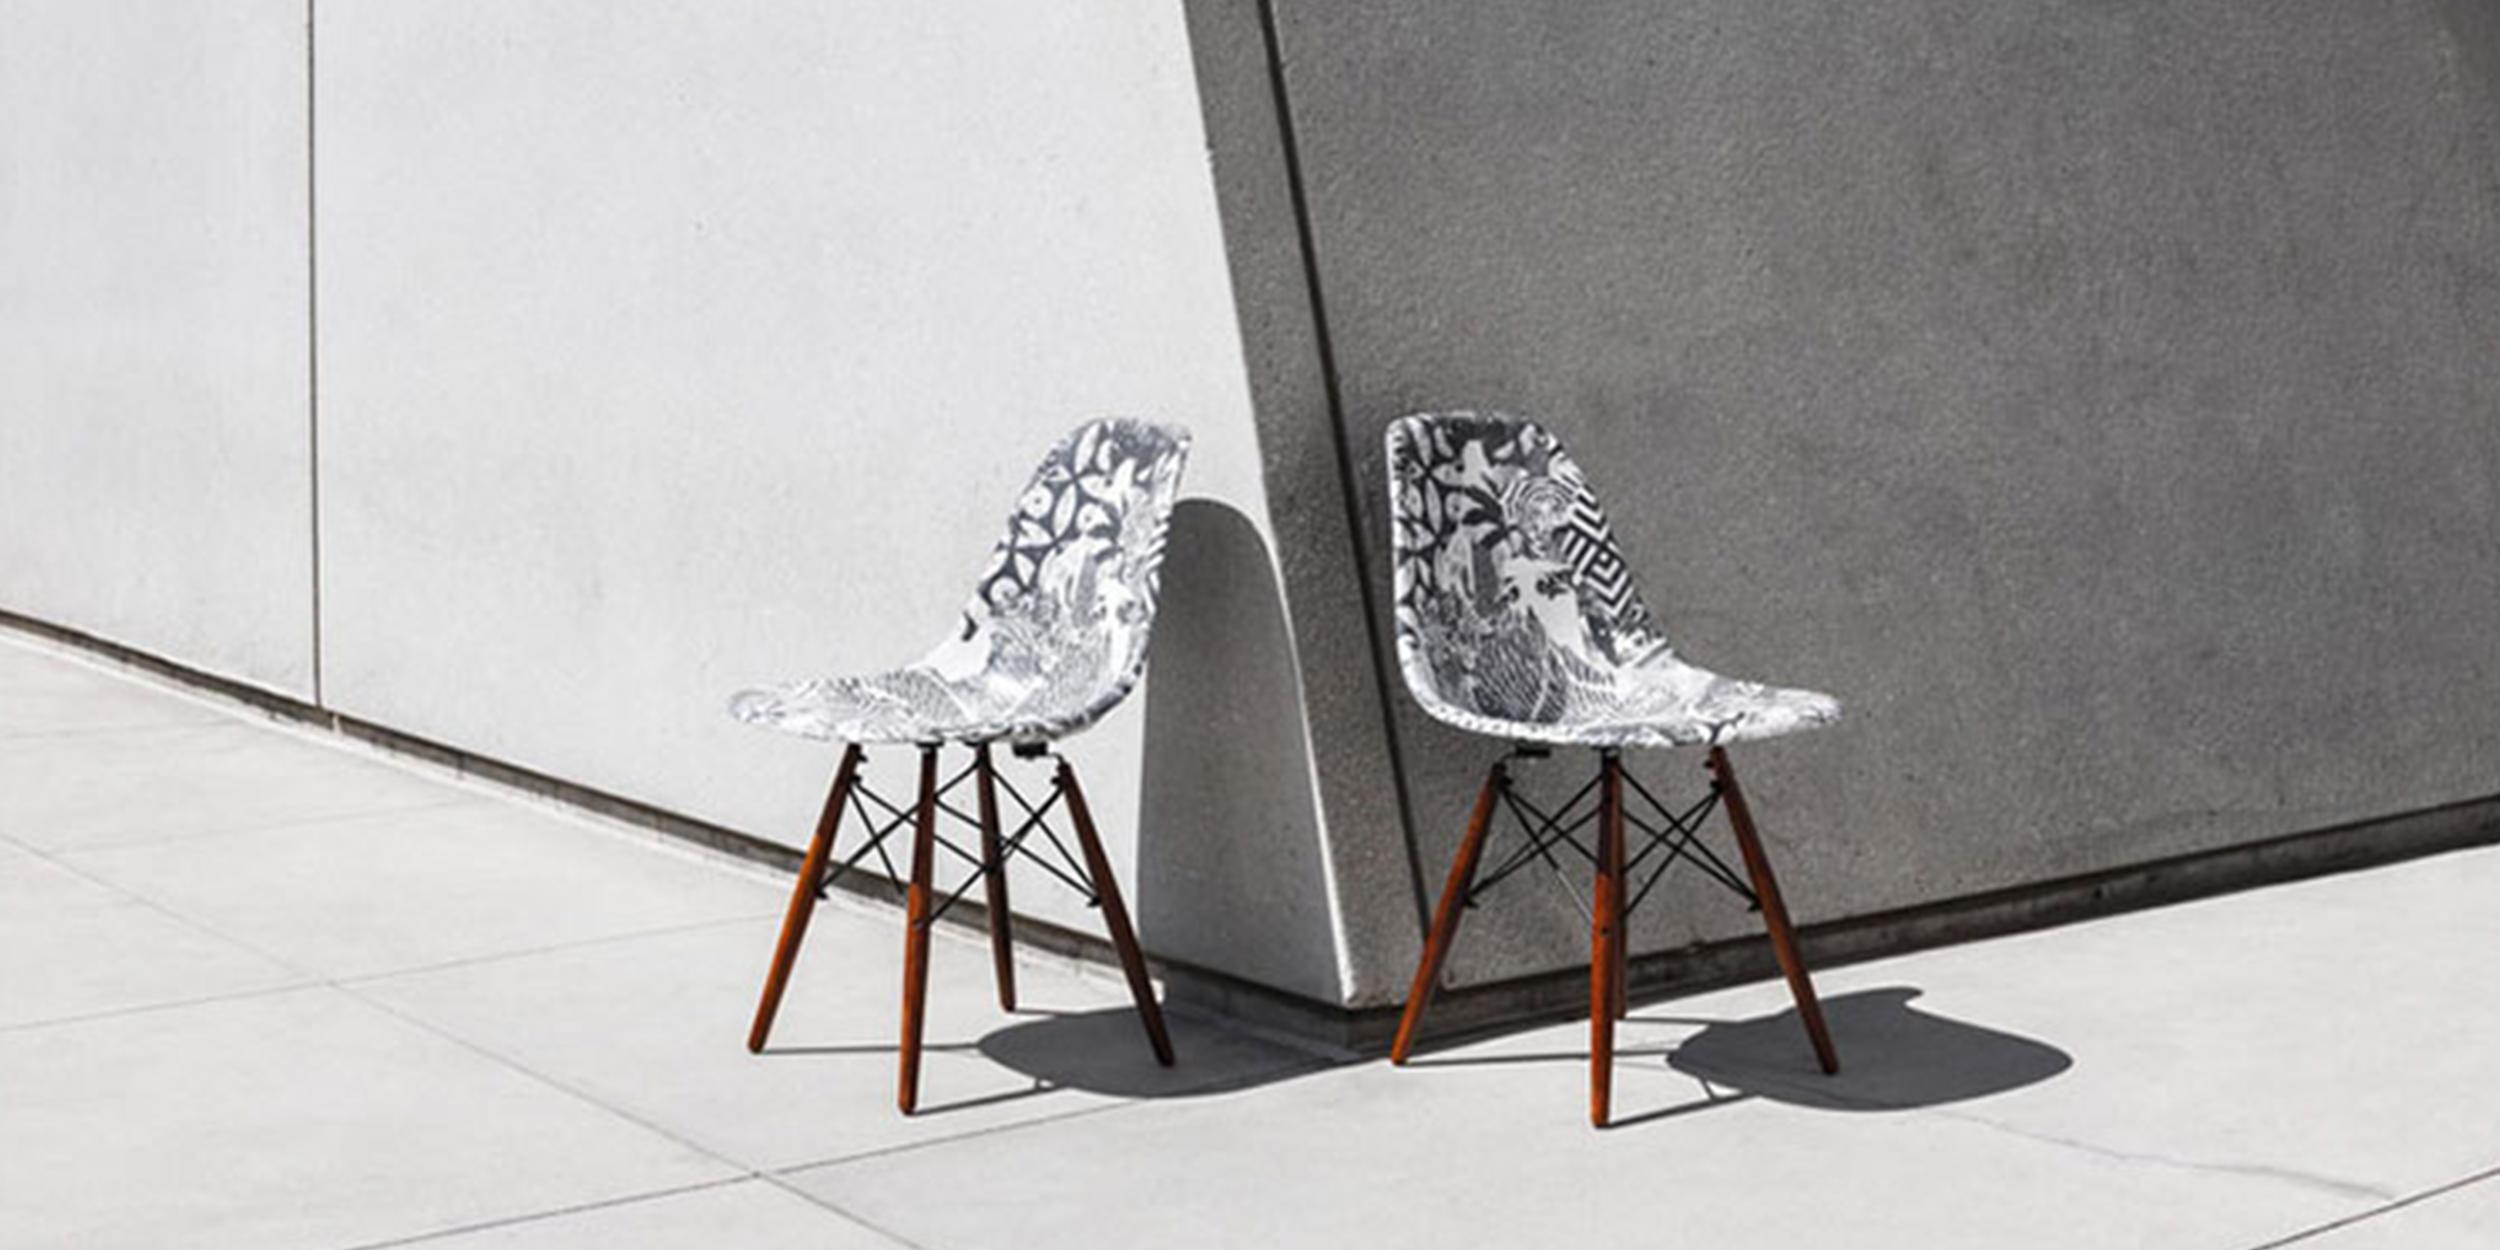 Eames Chair Artowrk